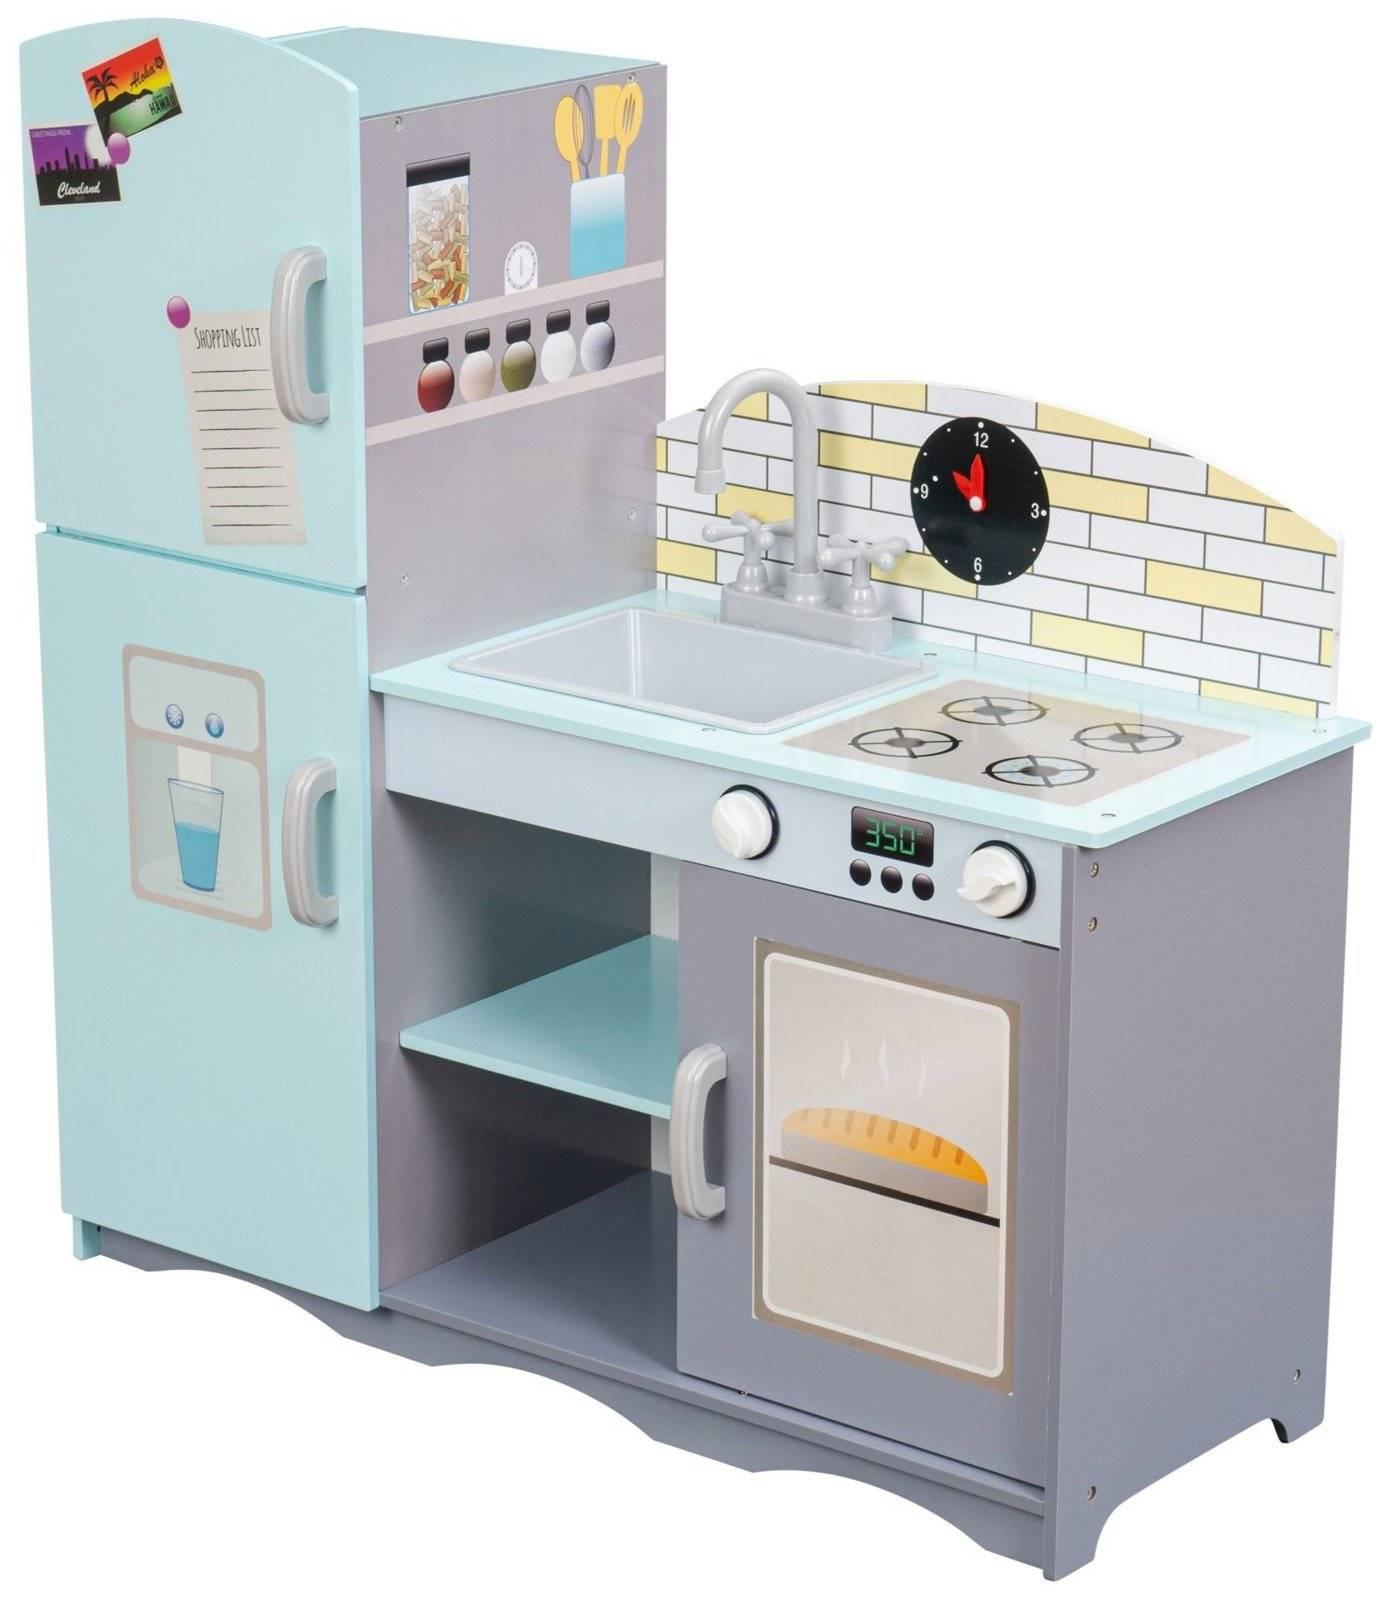 Wielka drewniana kuchnia dla dzieci + akcesoria i fartuch kuchenny Gratis!